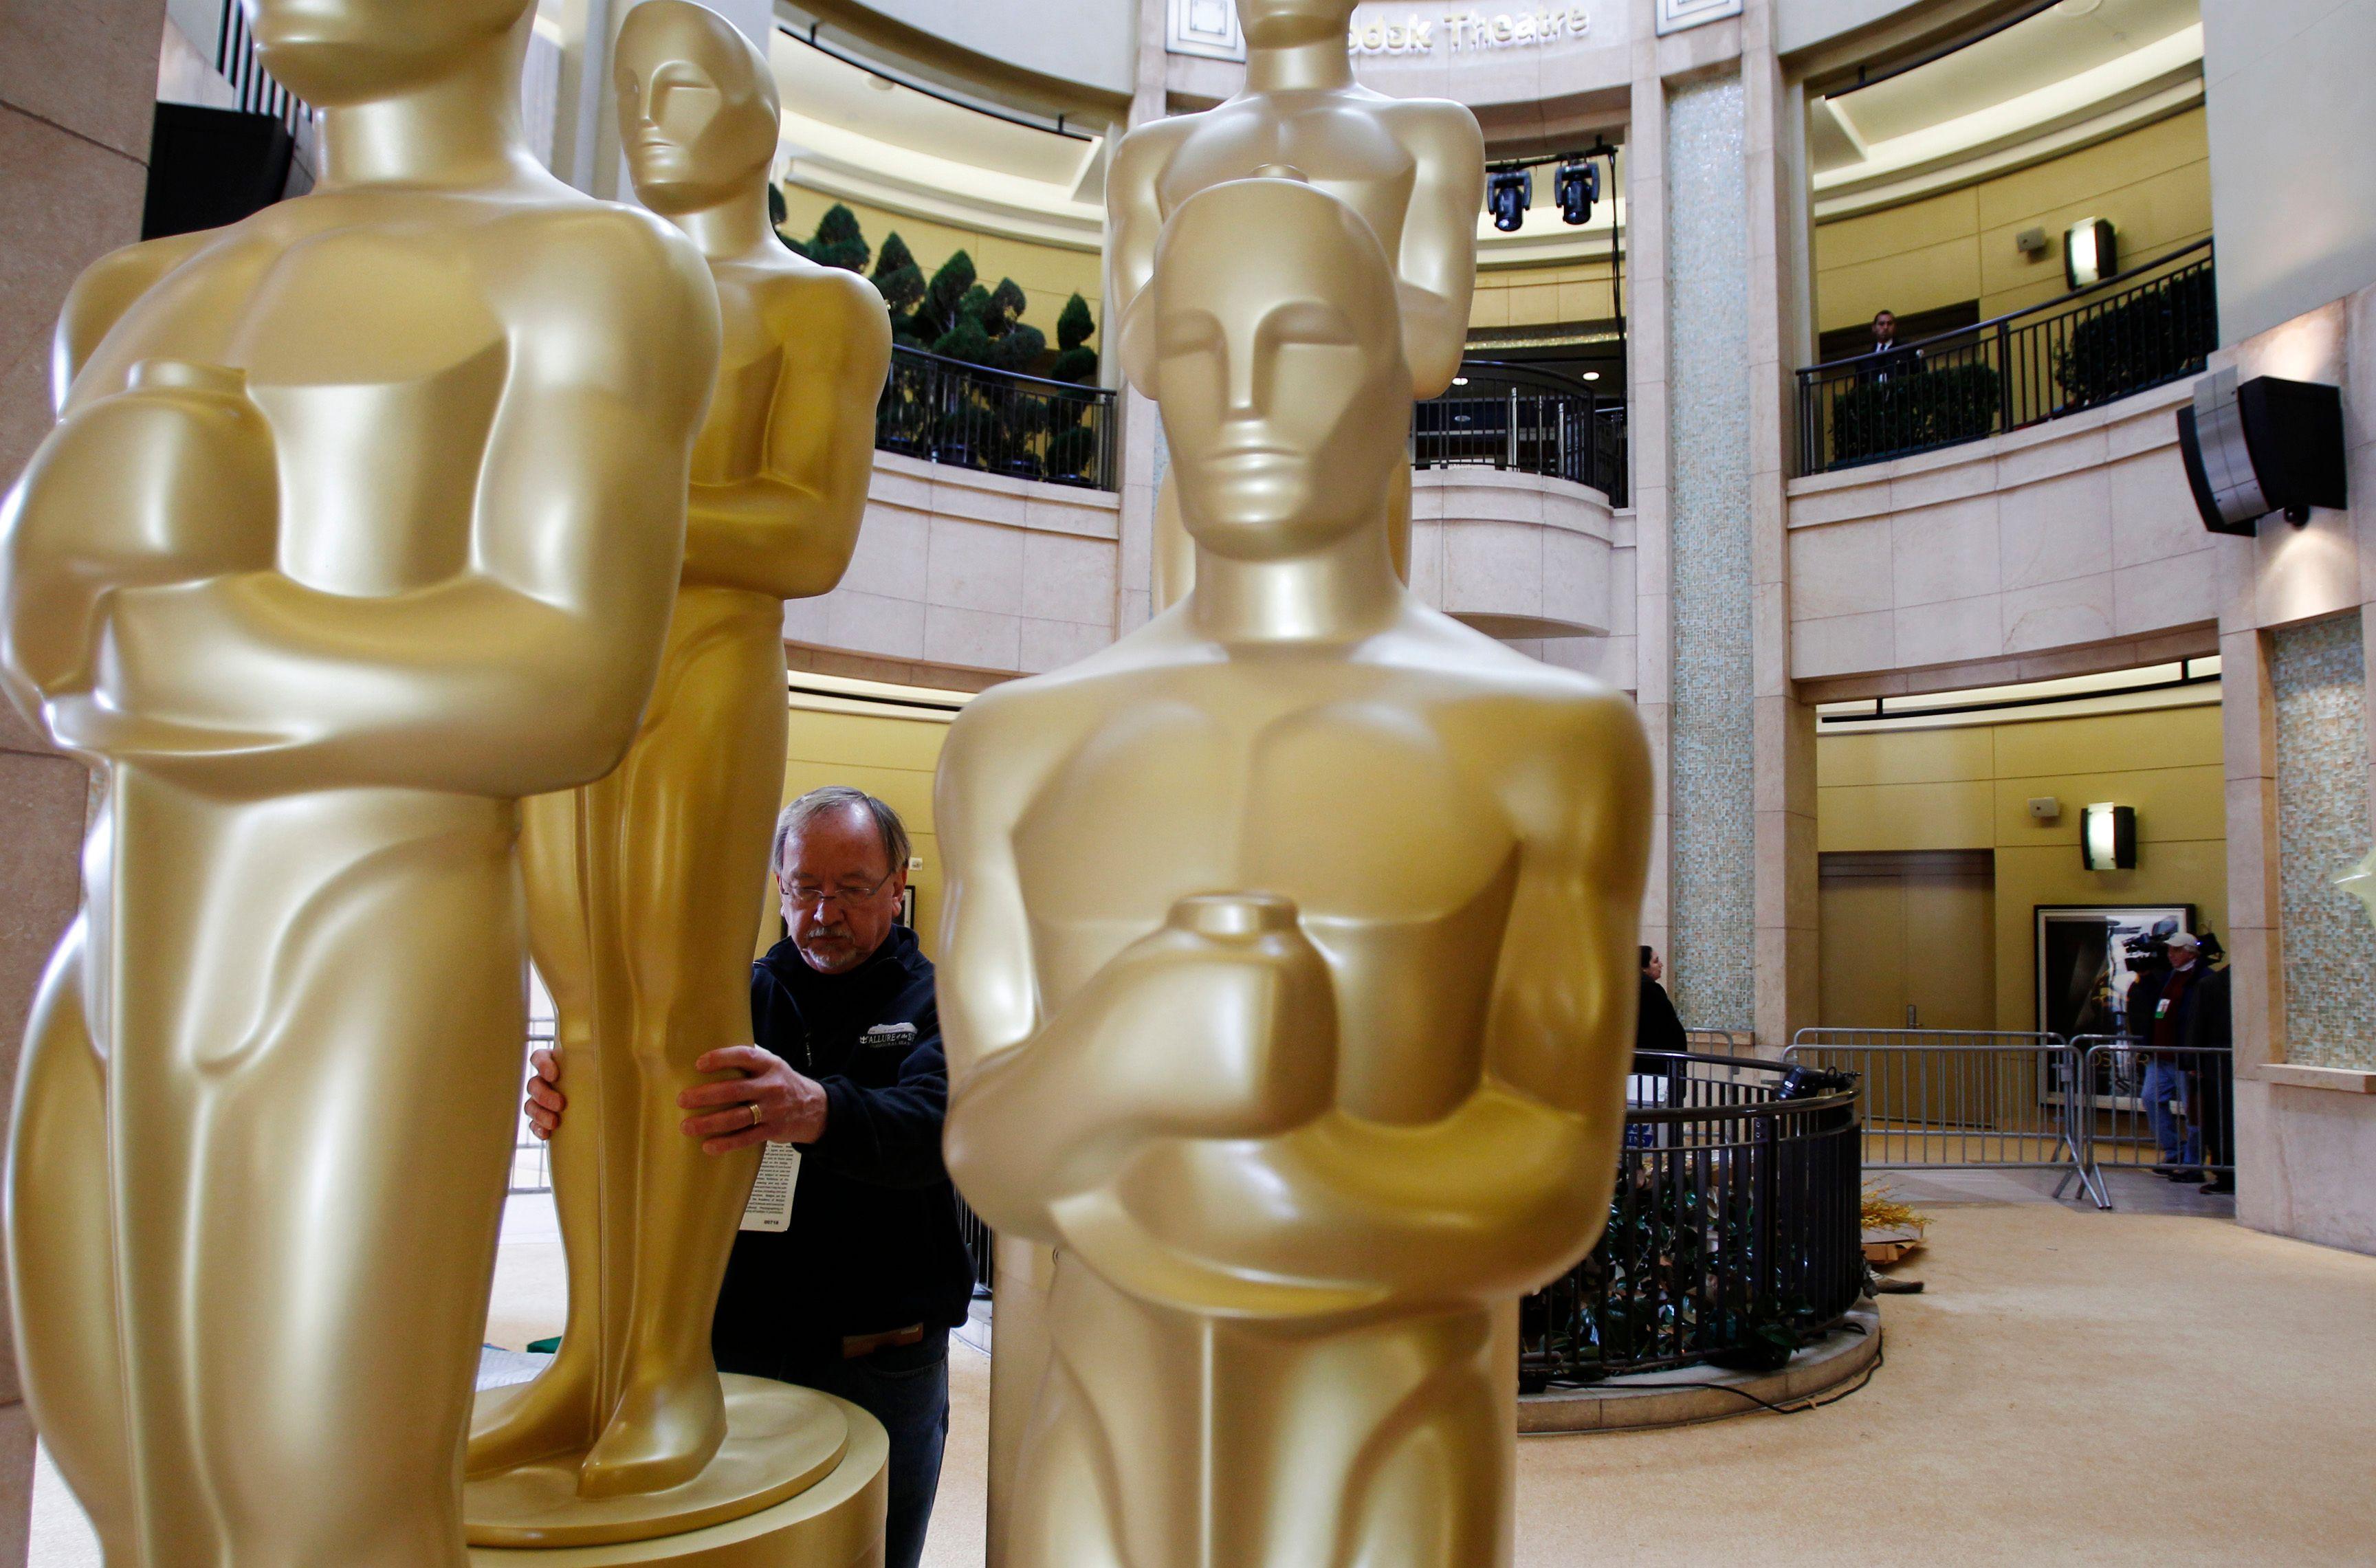 Oscars : après la polémique, l'académie se réforme